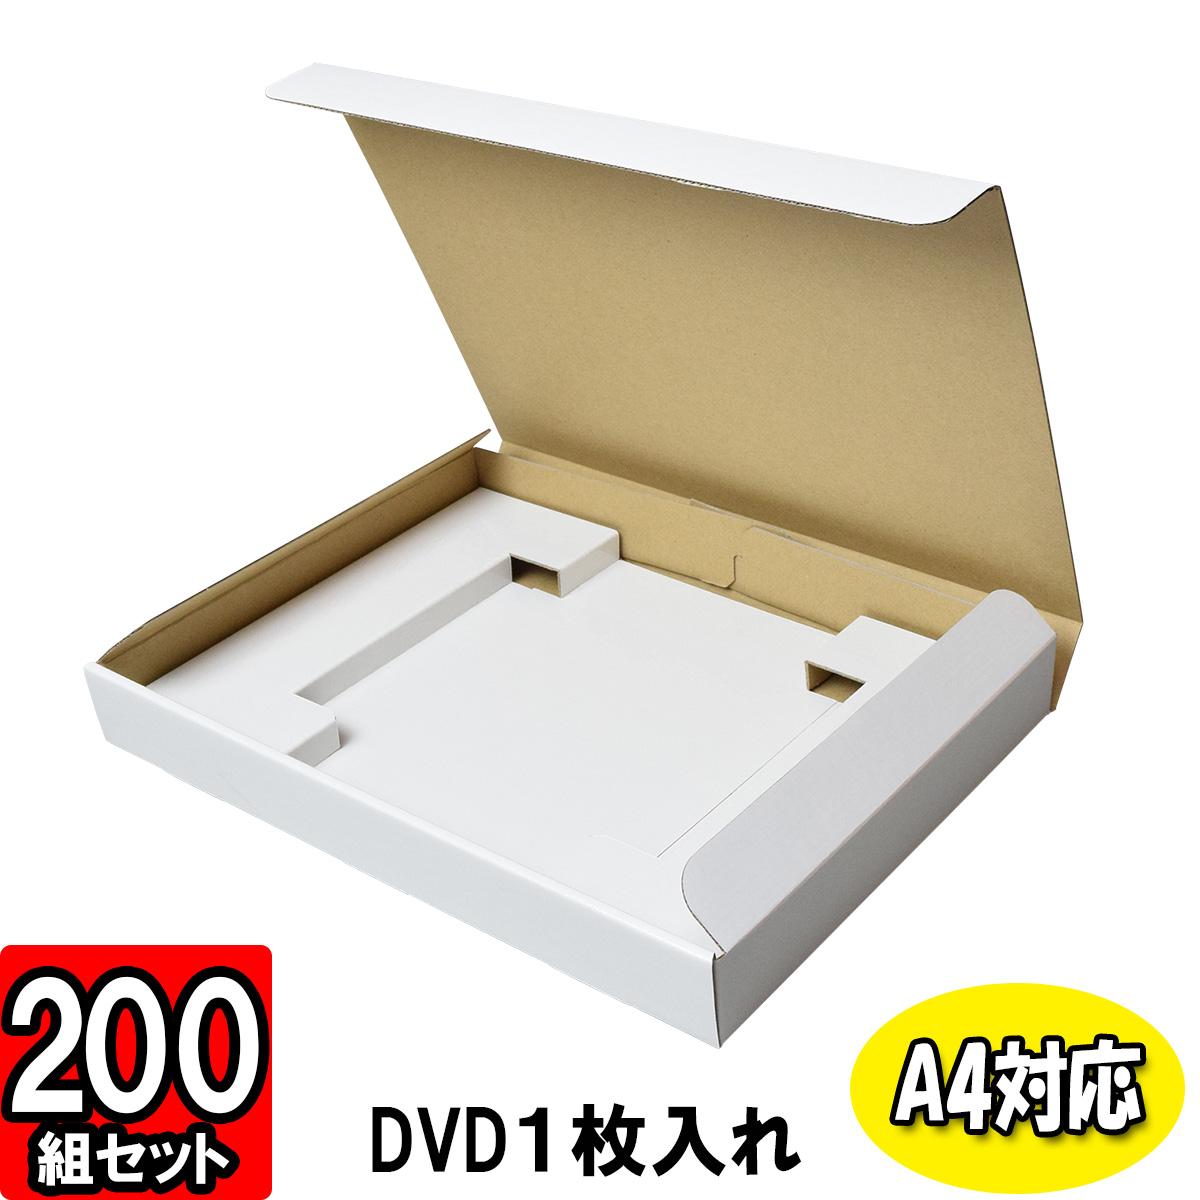 【あす楽】DVD入れ箱【仕切付き】【A4対応】【1枚入用】 200枚セット 【ダンボール箱 段ボール箱 DVD発送 梱包材 梱包資材】